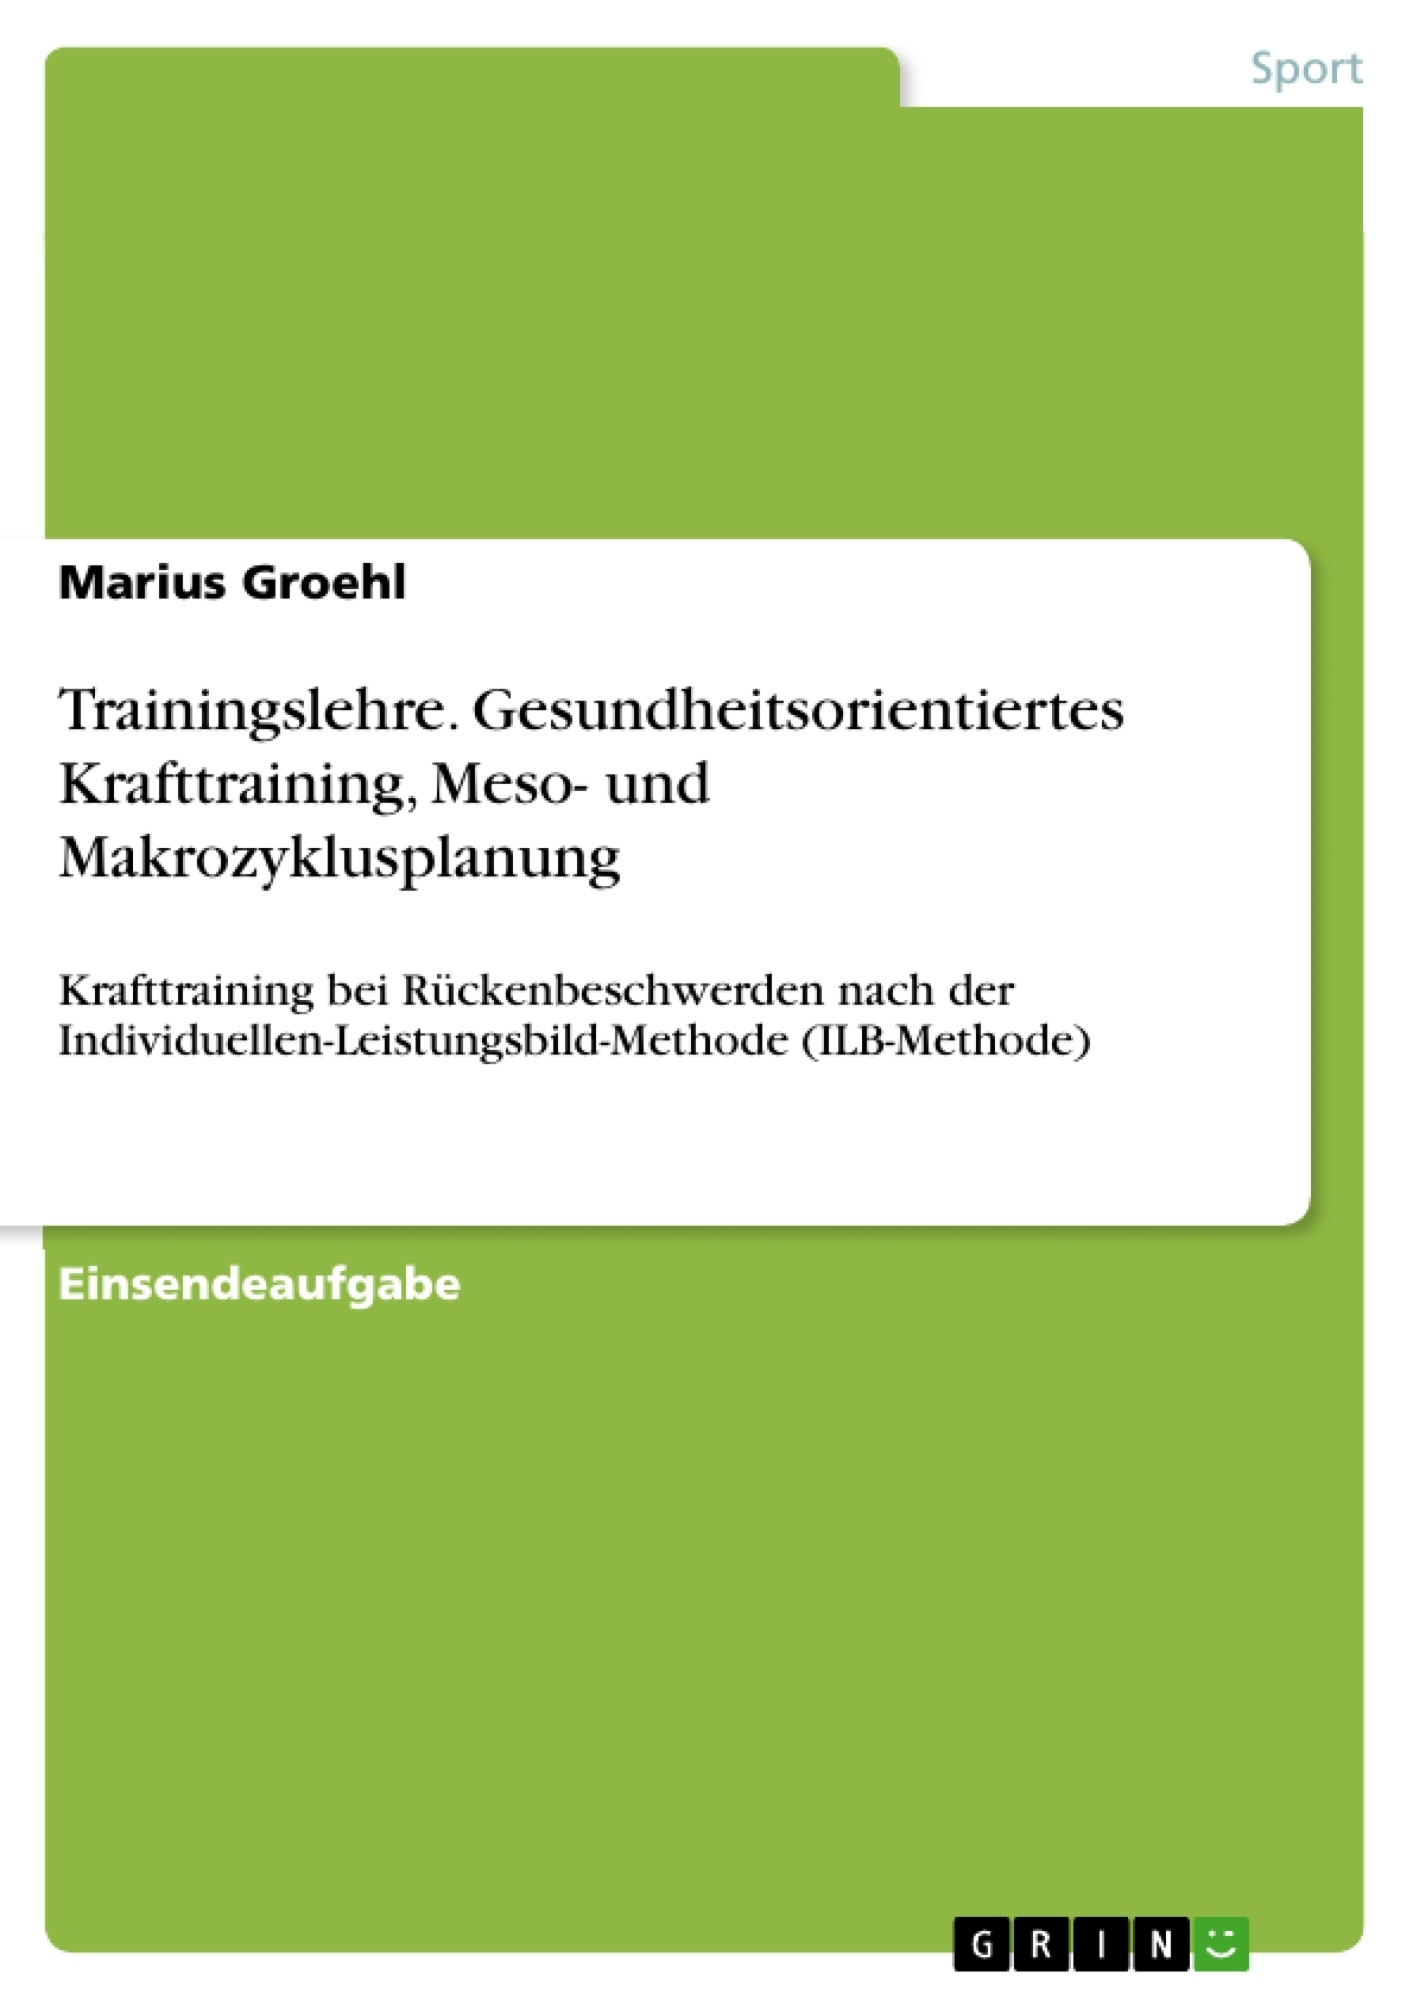 Titel: Trainingslehre. Gesundheitsorientiertes Krafttraining, Meso- und Makrozyklusplanung